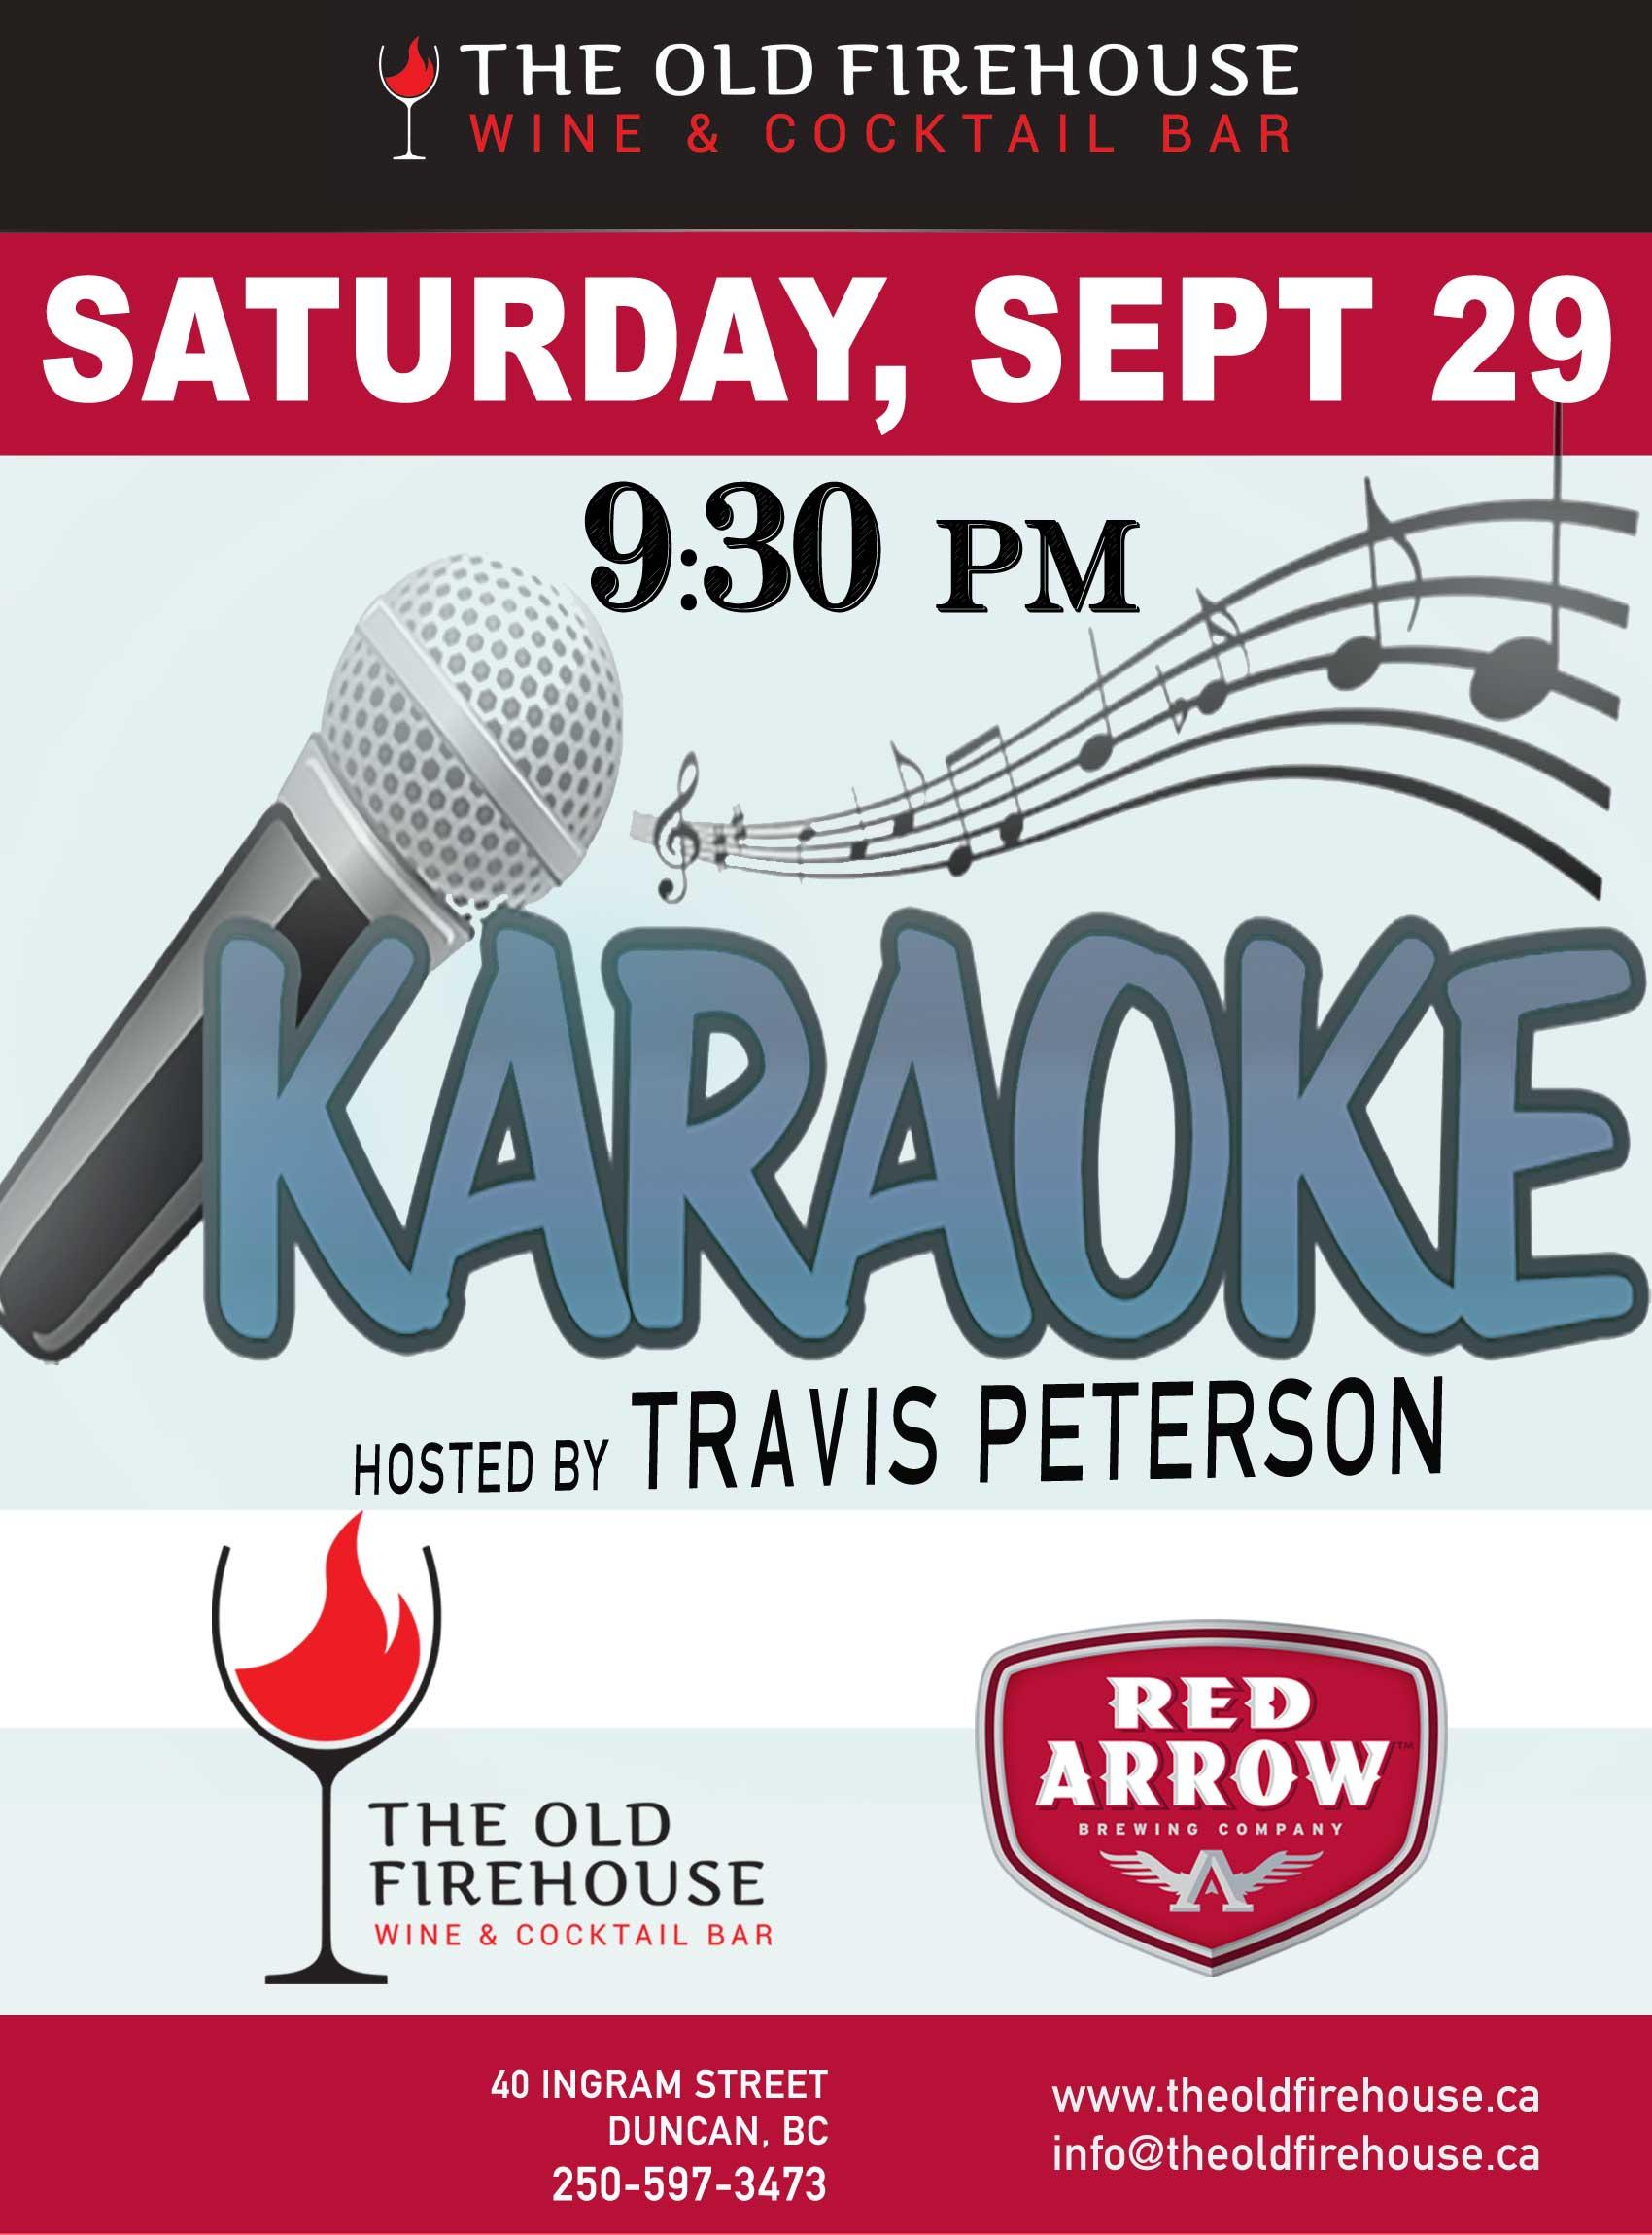 karaoke-poster-red-arrow-september-29.jpg